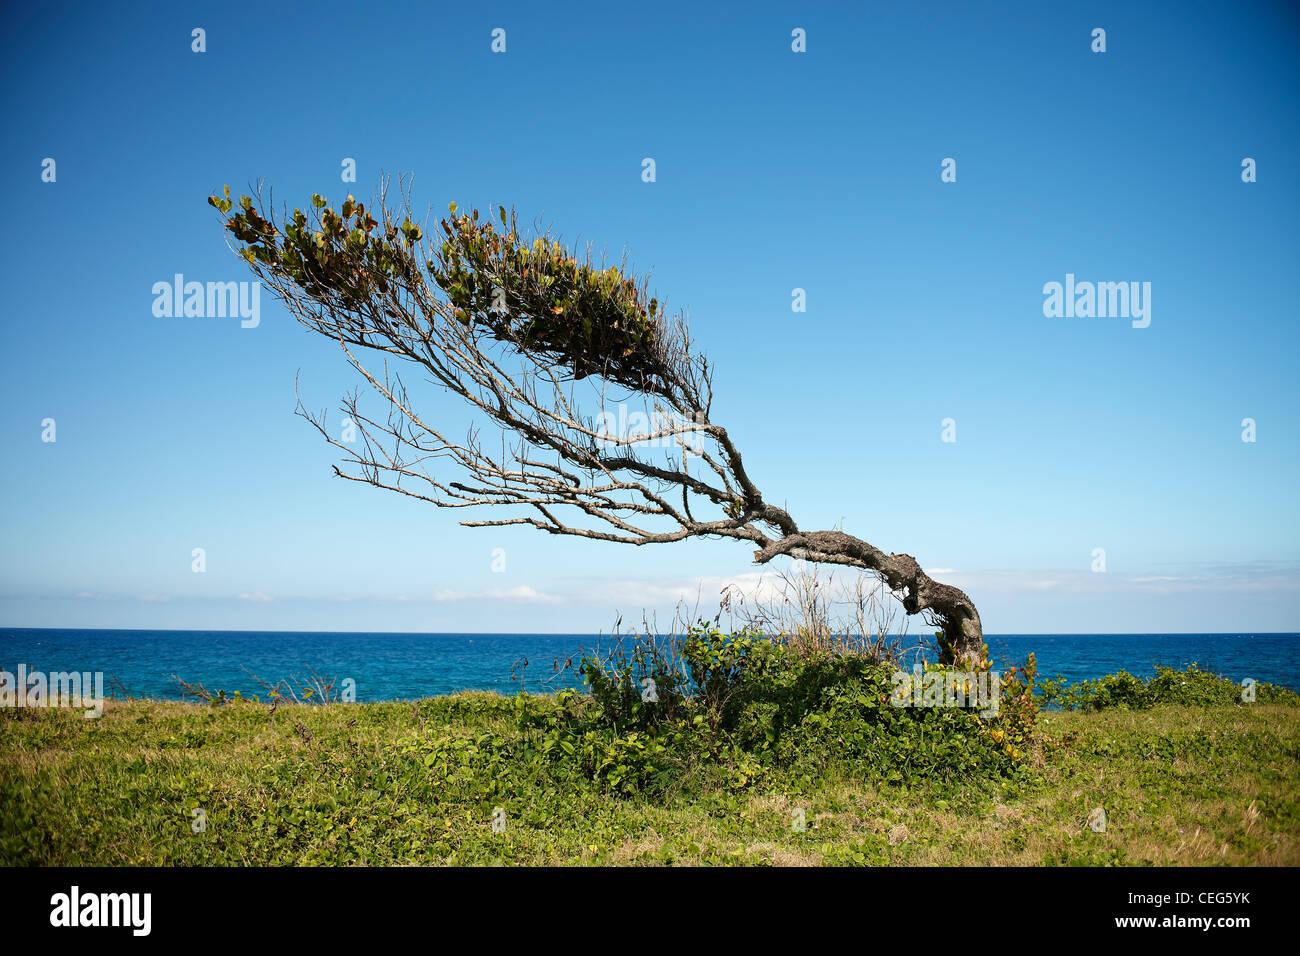 Árbol azotadas por el viento en la costa de Jamaica Imagen De Stock